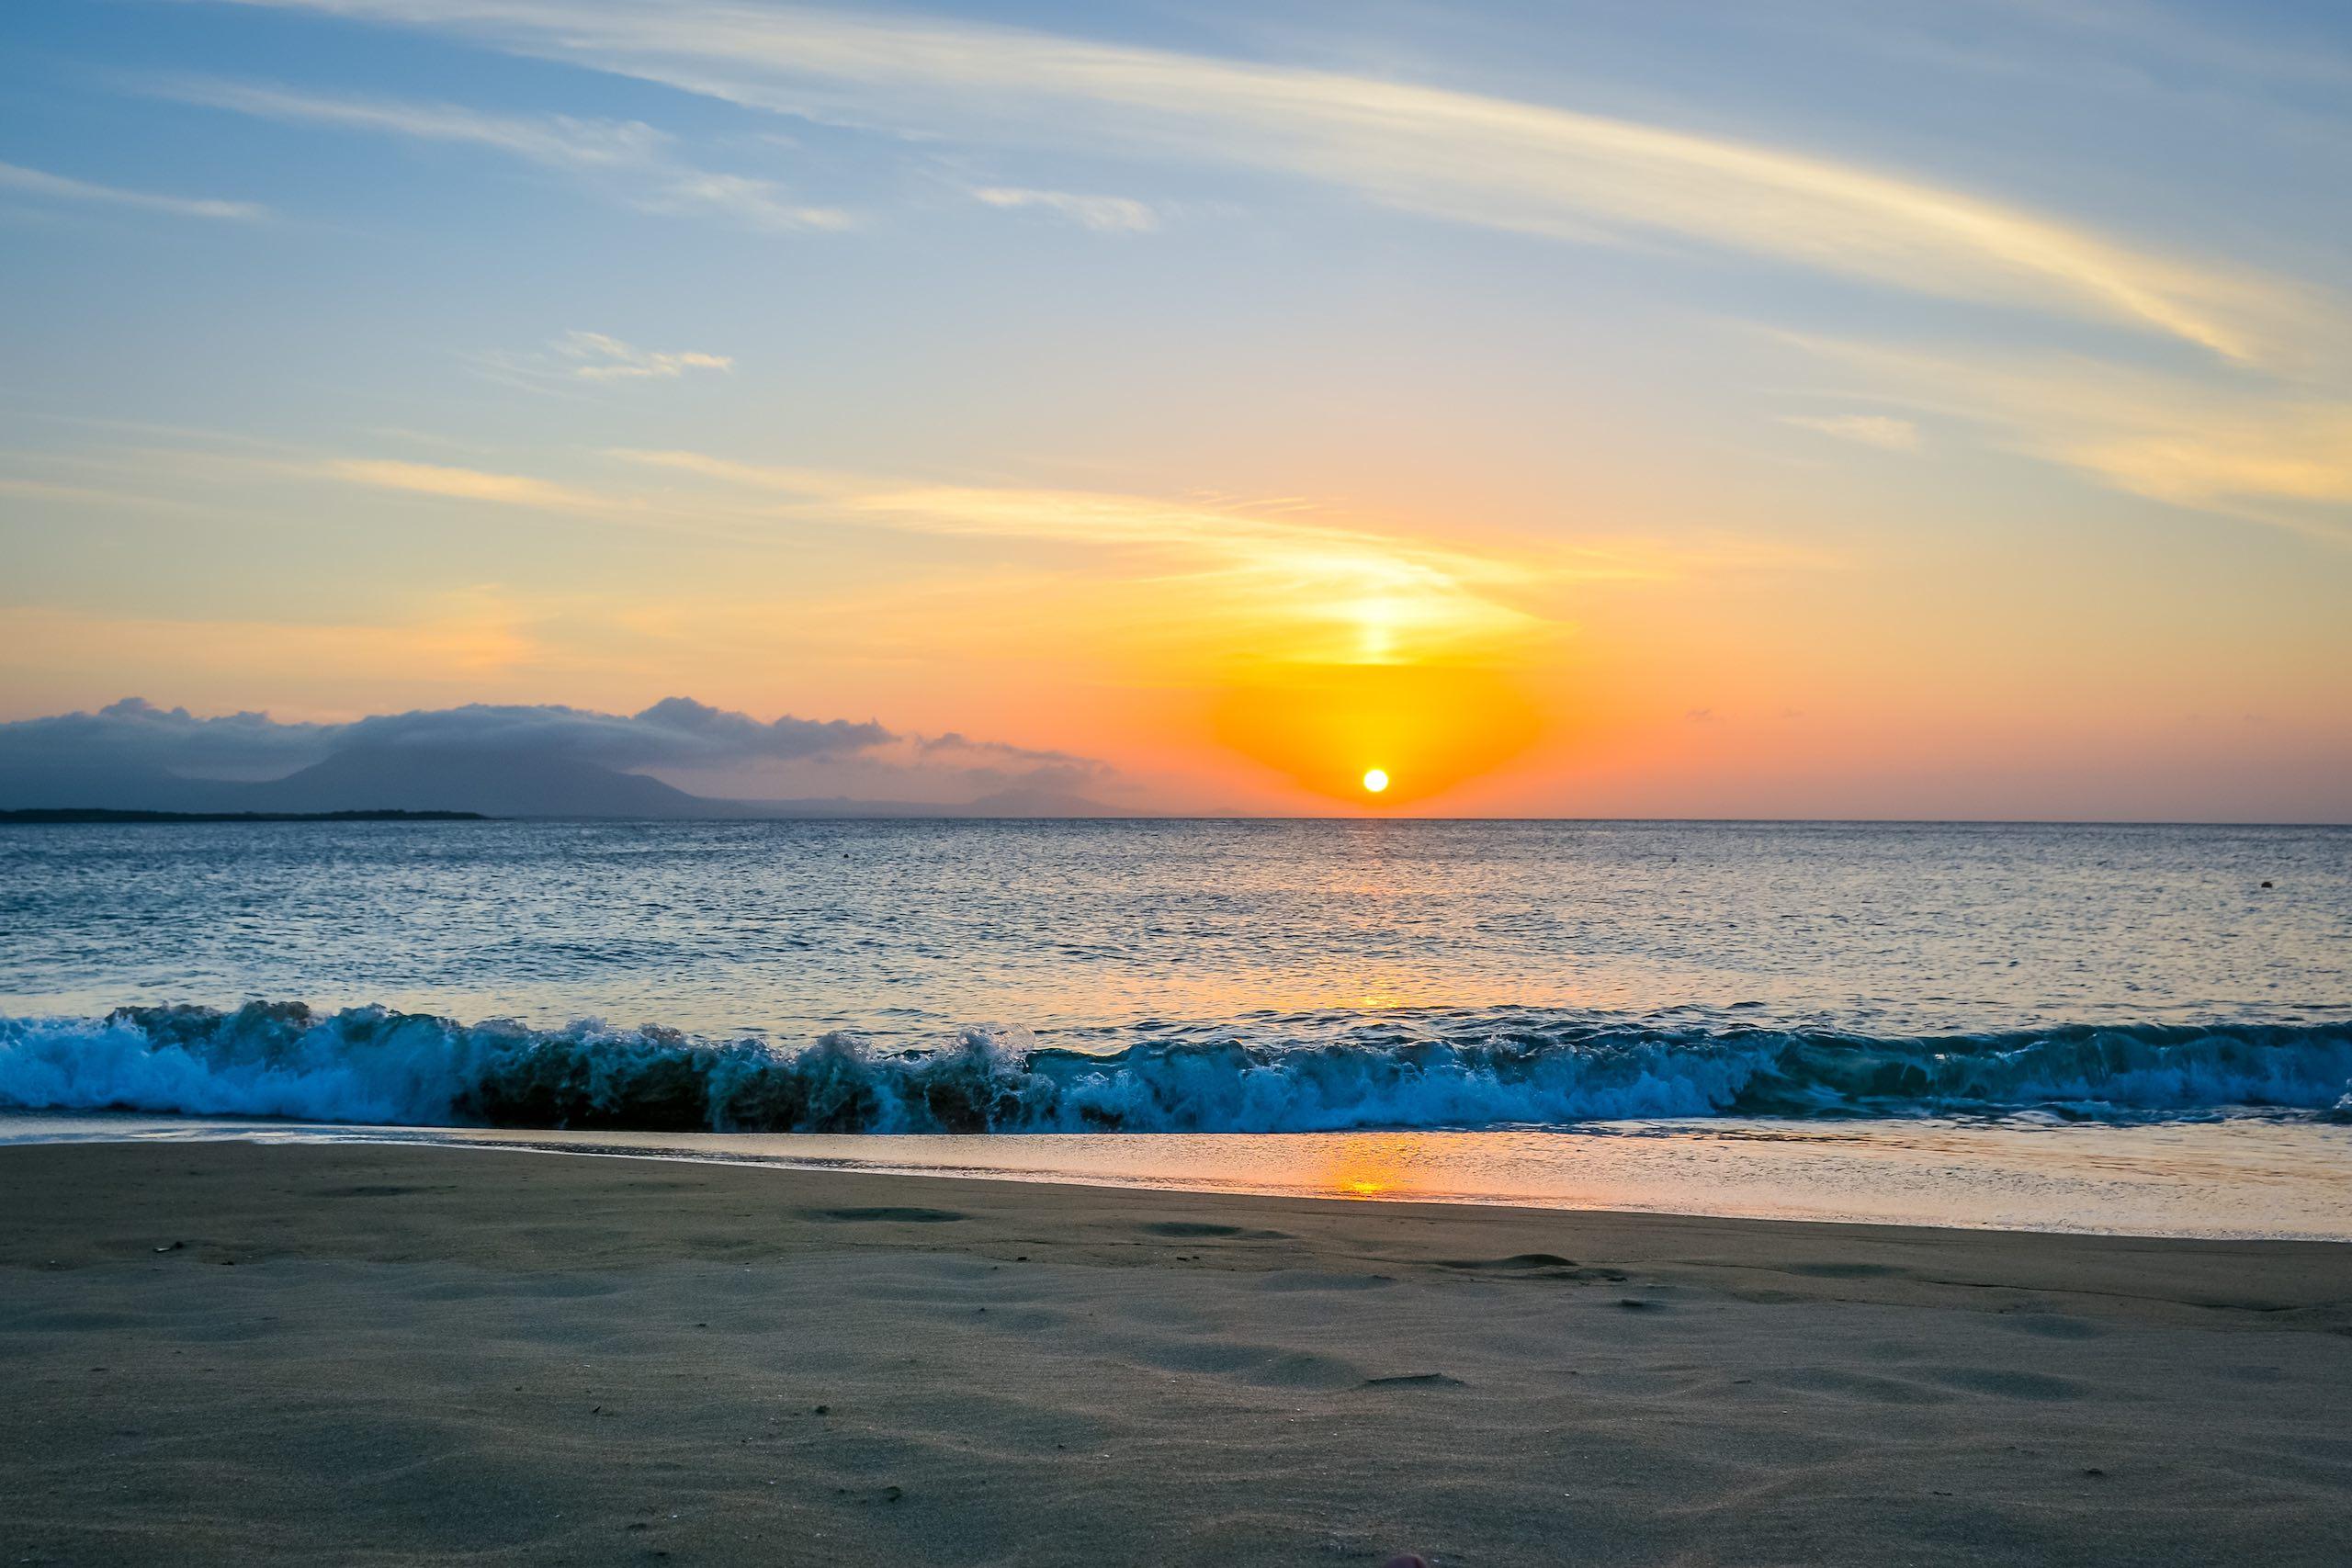 Playa Linda Dominican Republic